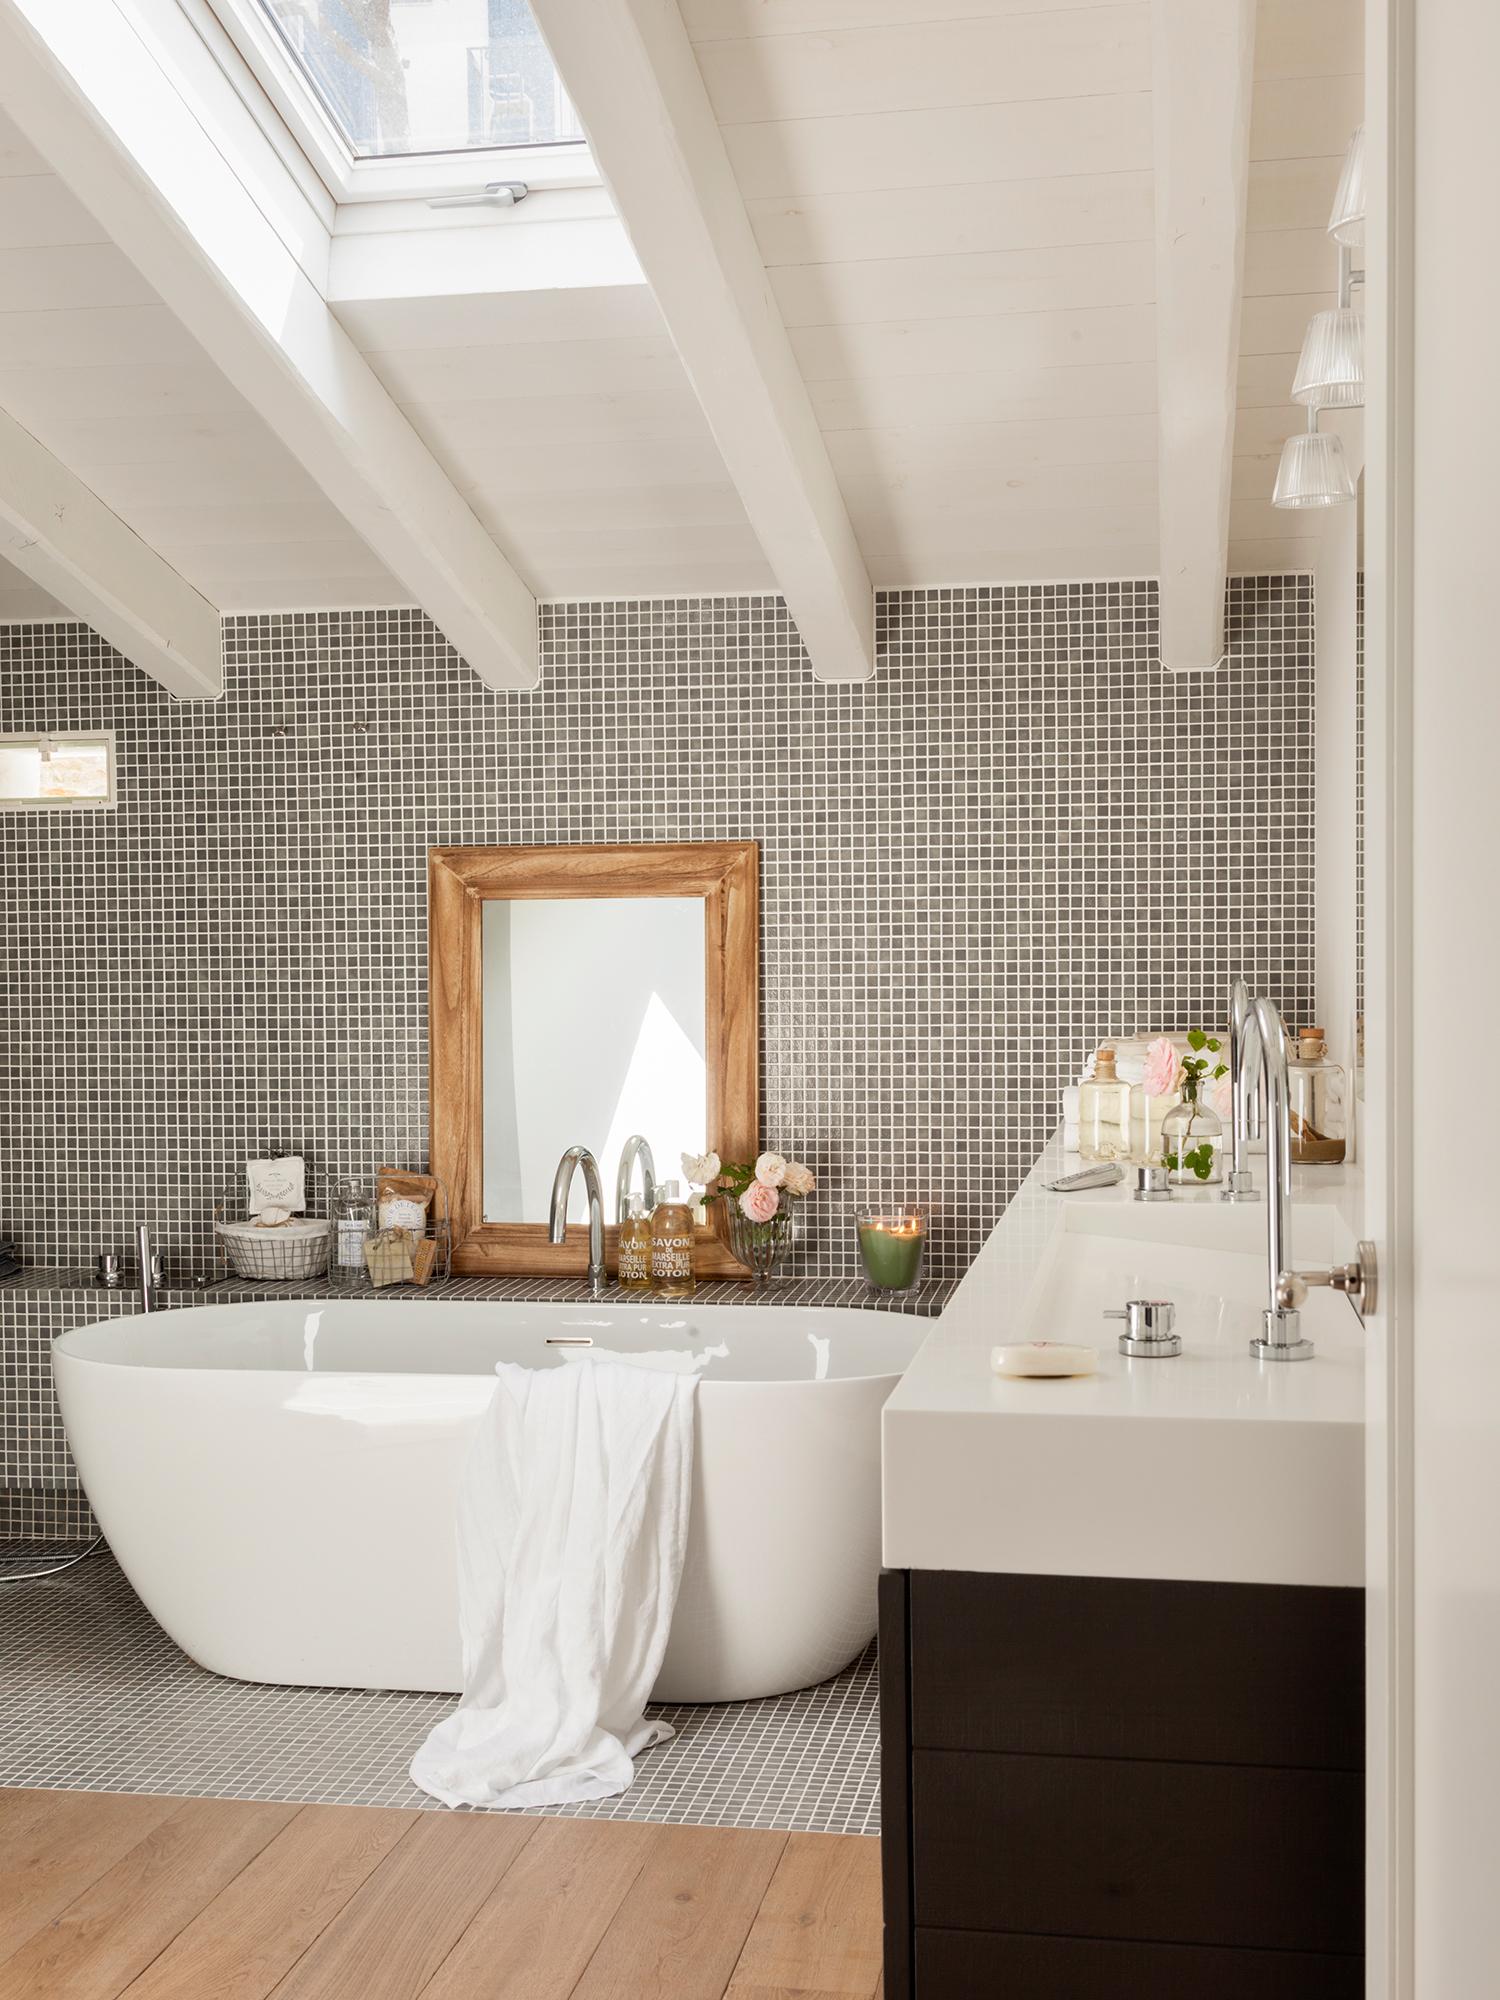 Sanitarios claves para elegir el lavamanos y el inodoro - Banos de gresite ...